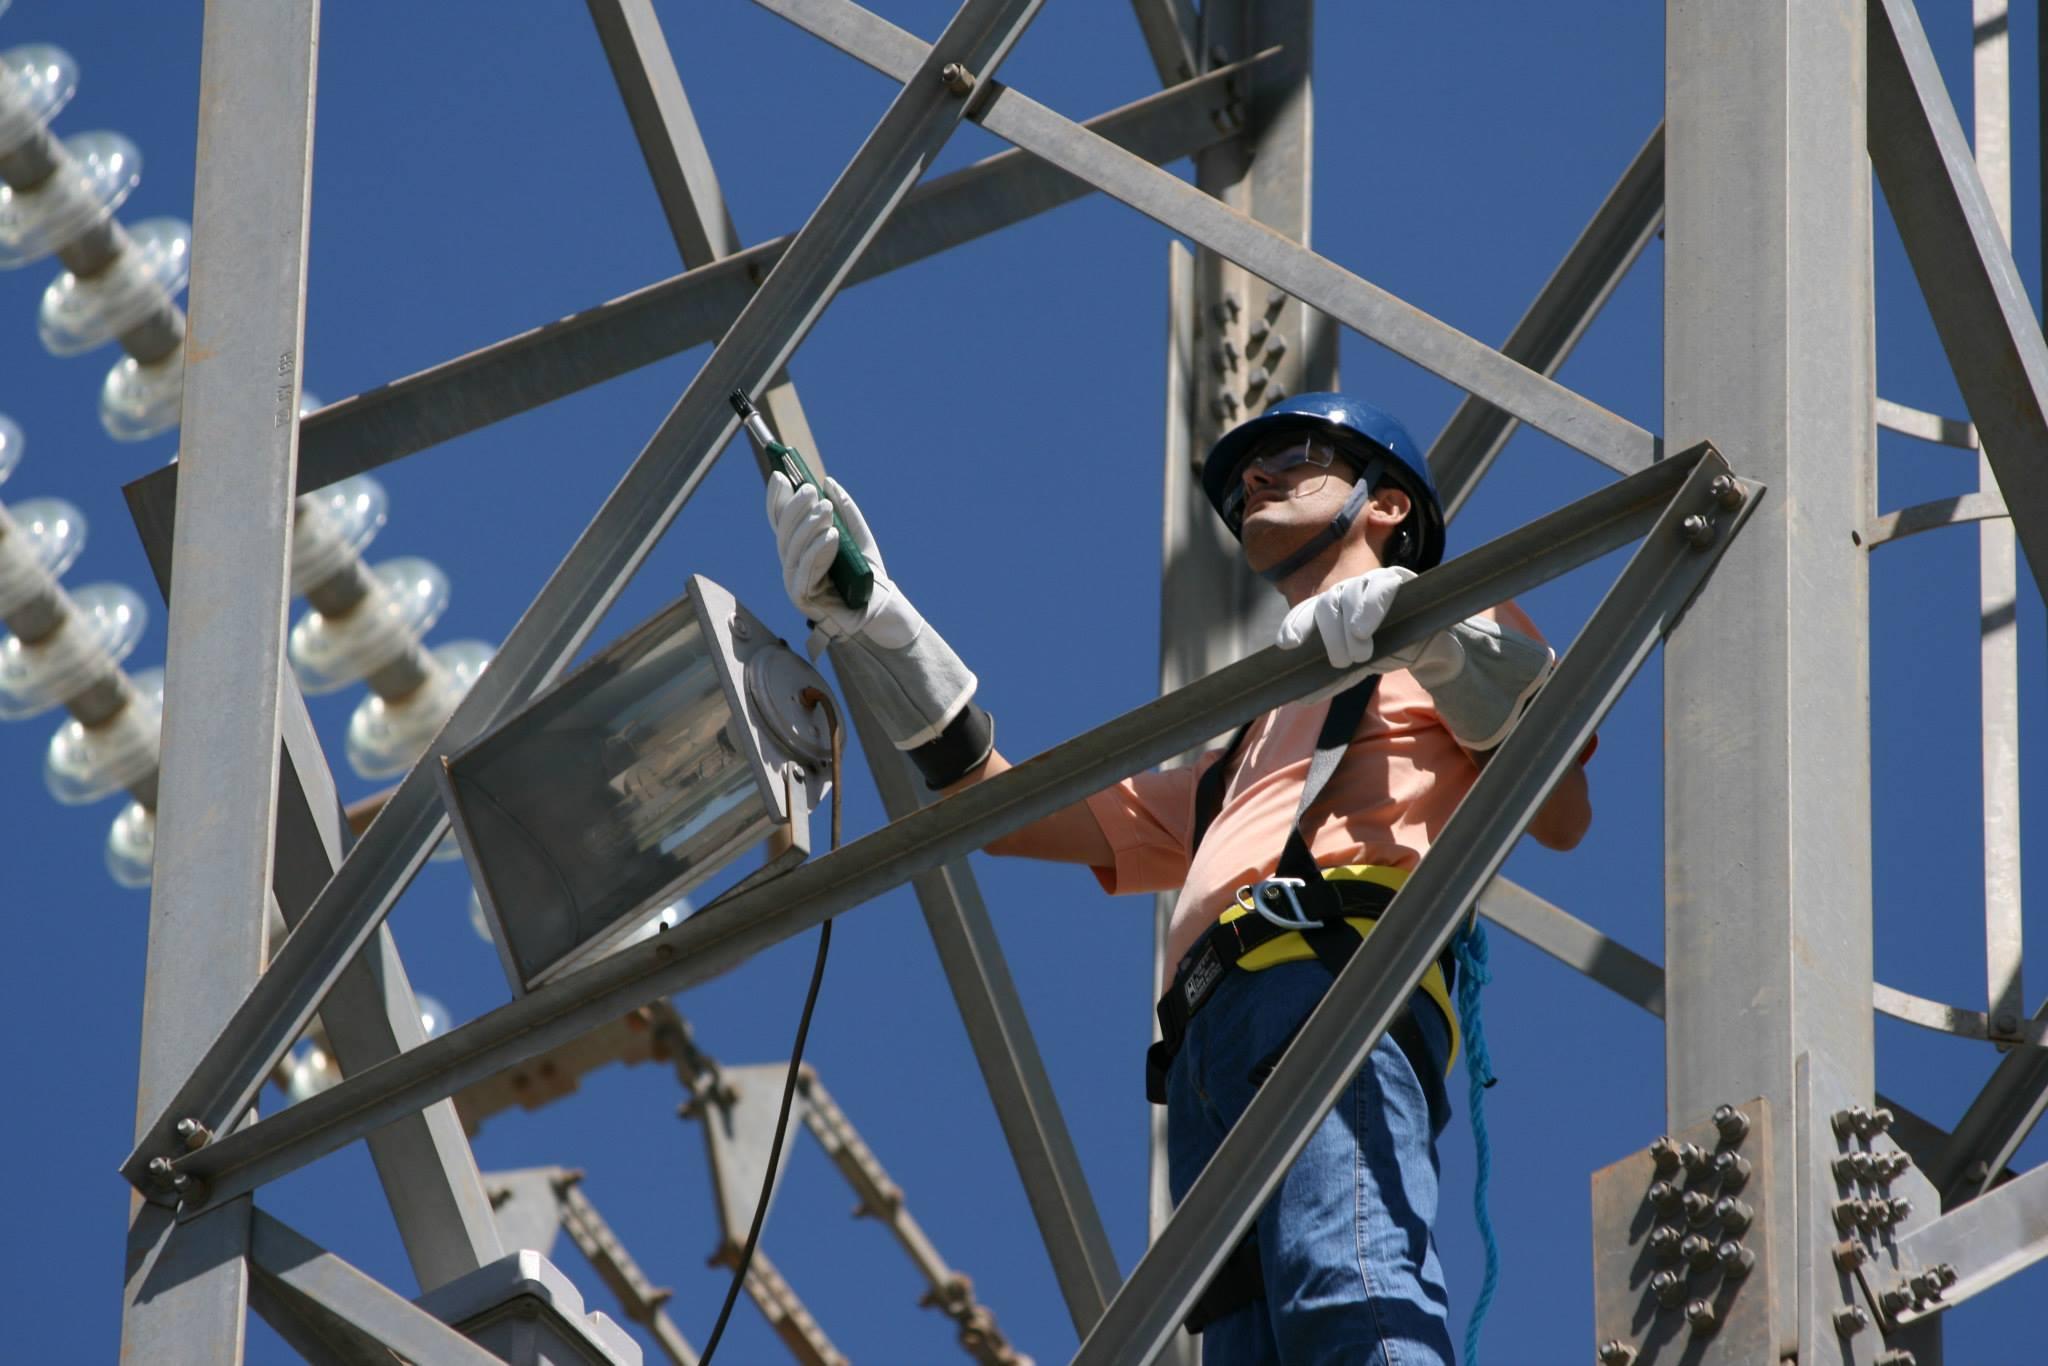 Eletricista, técnicos, engenheiros e mais são requisitados para atender demanda de vagas em manutenção pela empresa de energia elétrica Taesa